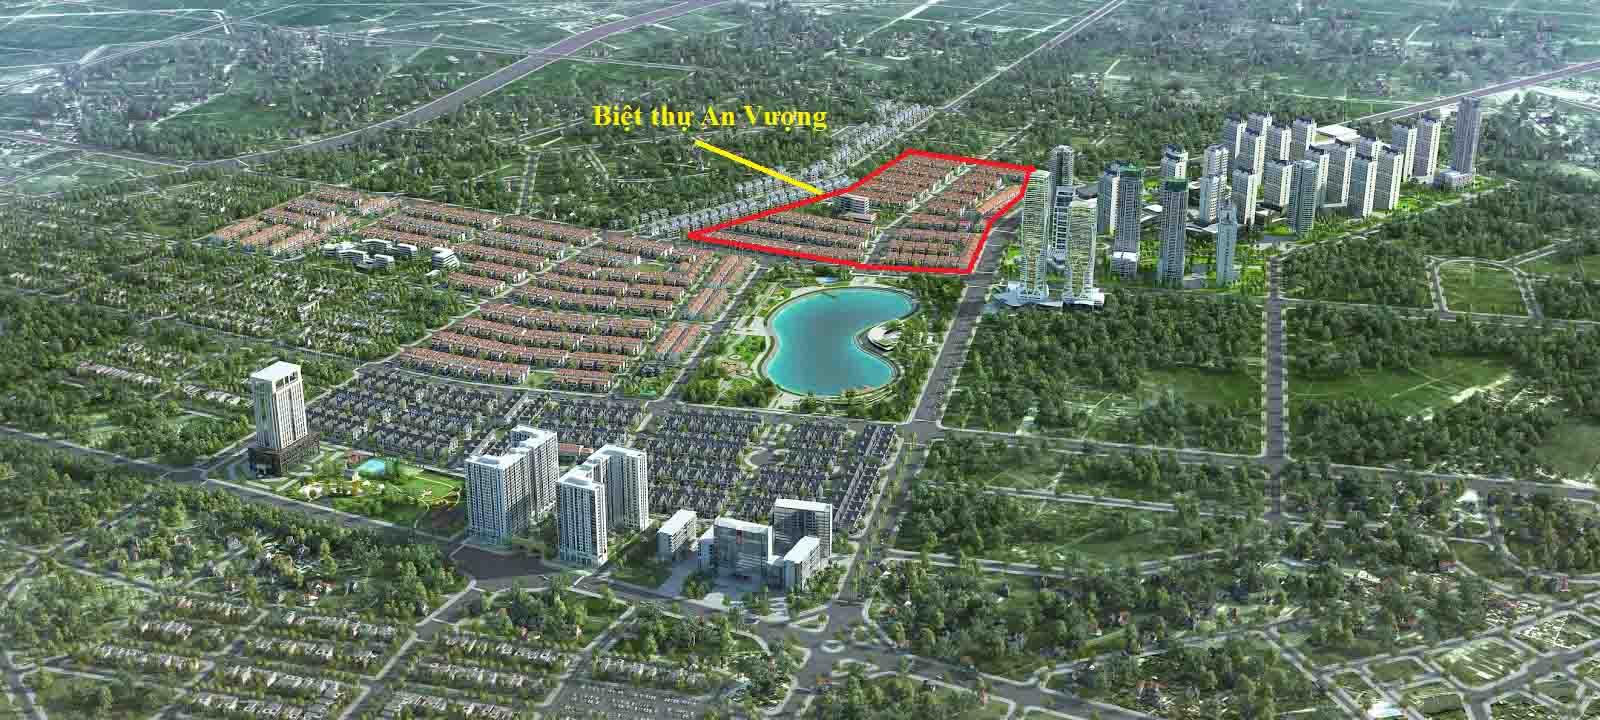 Vị trí biệt thự An Vượng trong khu đô thị Dương Nội